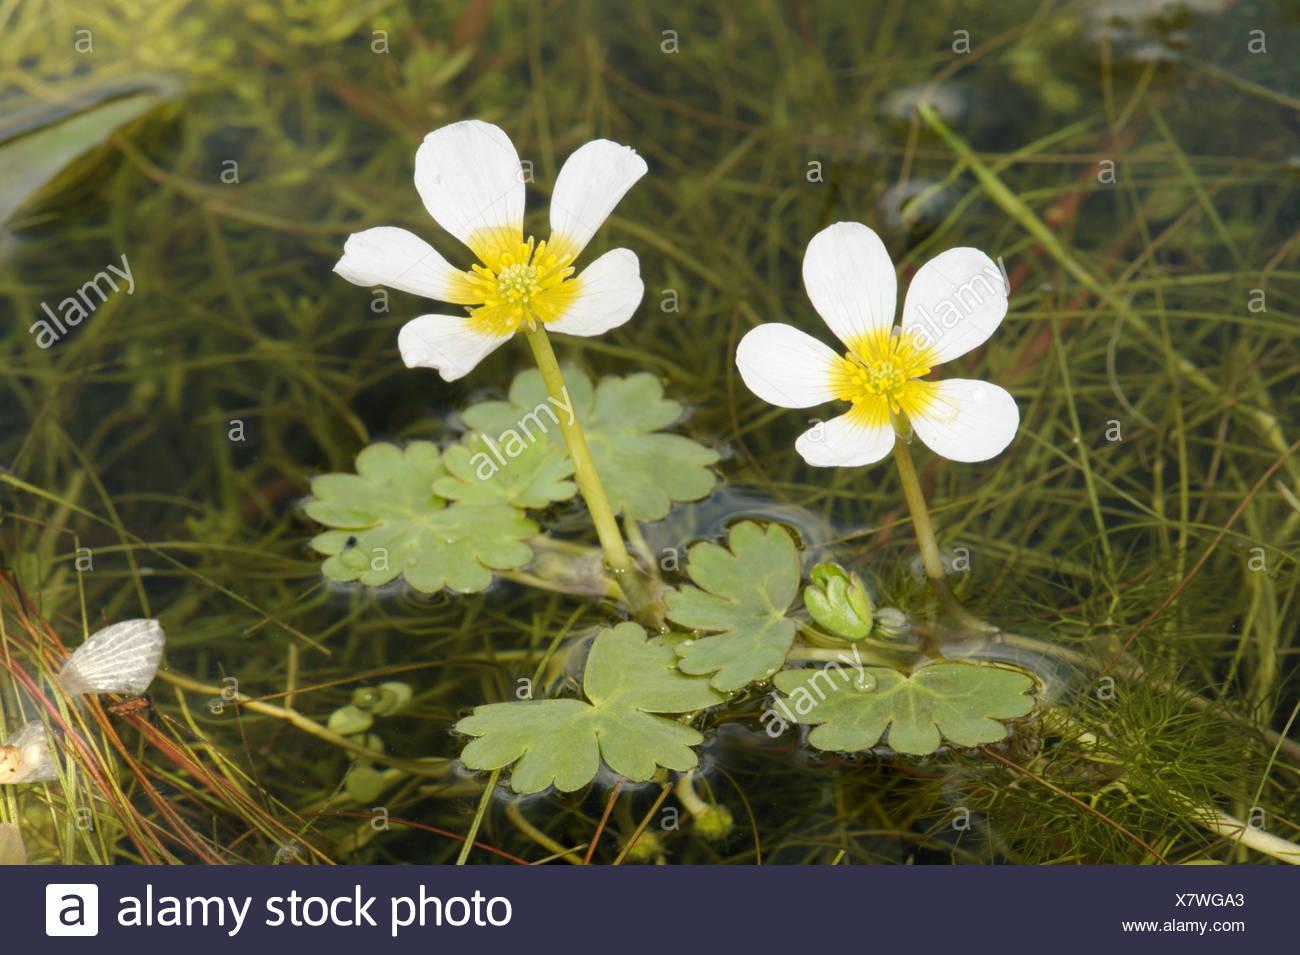 POND WATER-CROWFOOT Ranunculus peltatus (Ranunculaceae) - Stock Image